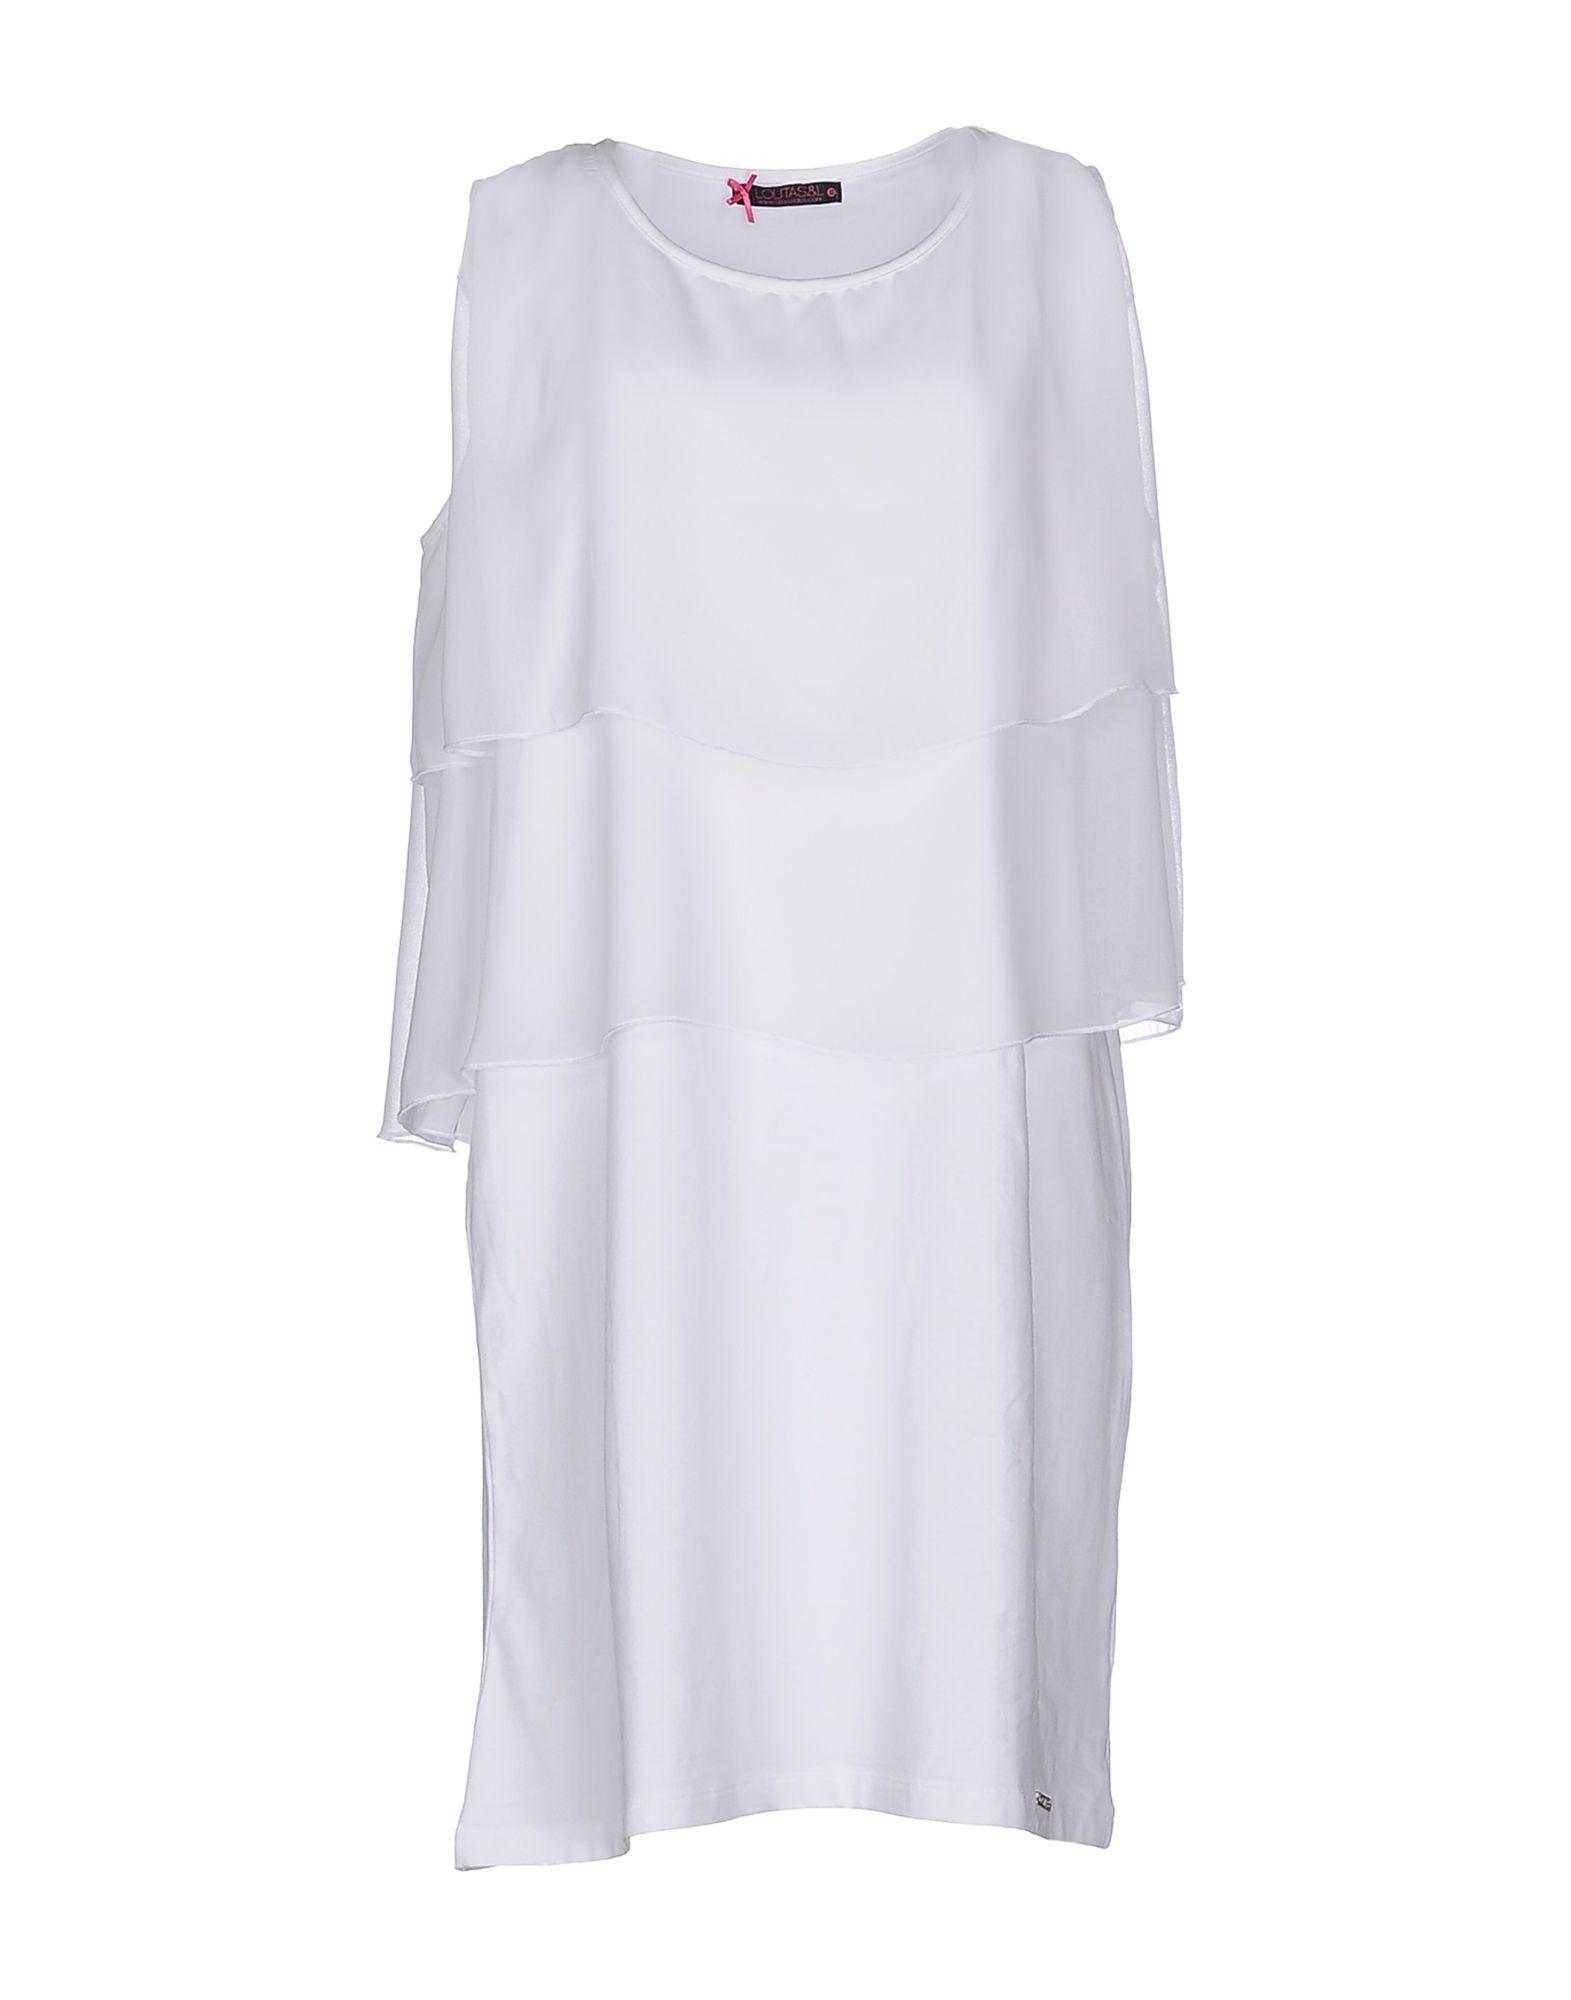 LOLITA & LOLOS Damen Kurzes Kleid Farbe Weiß Größe 4